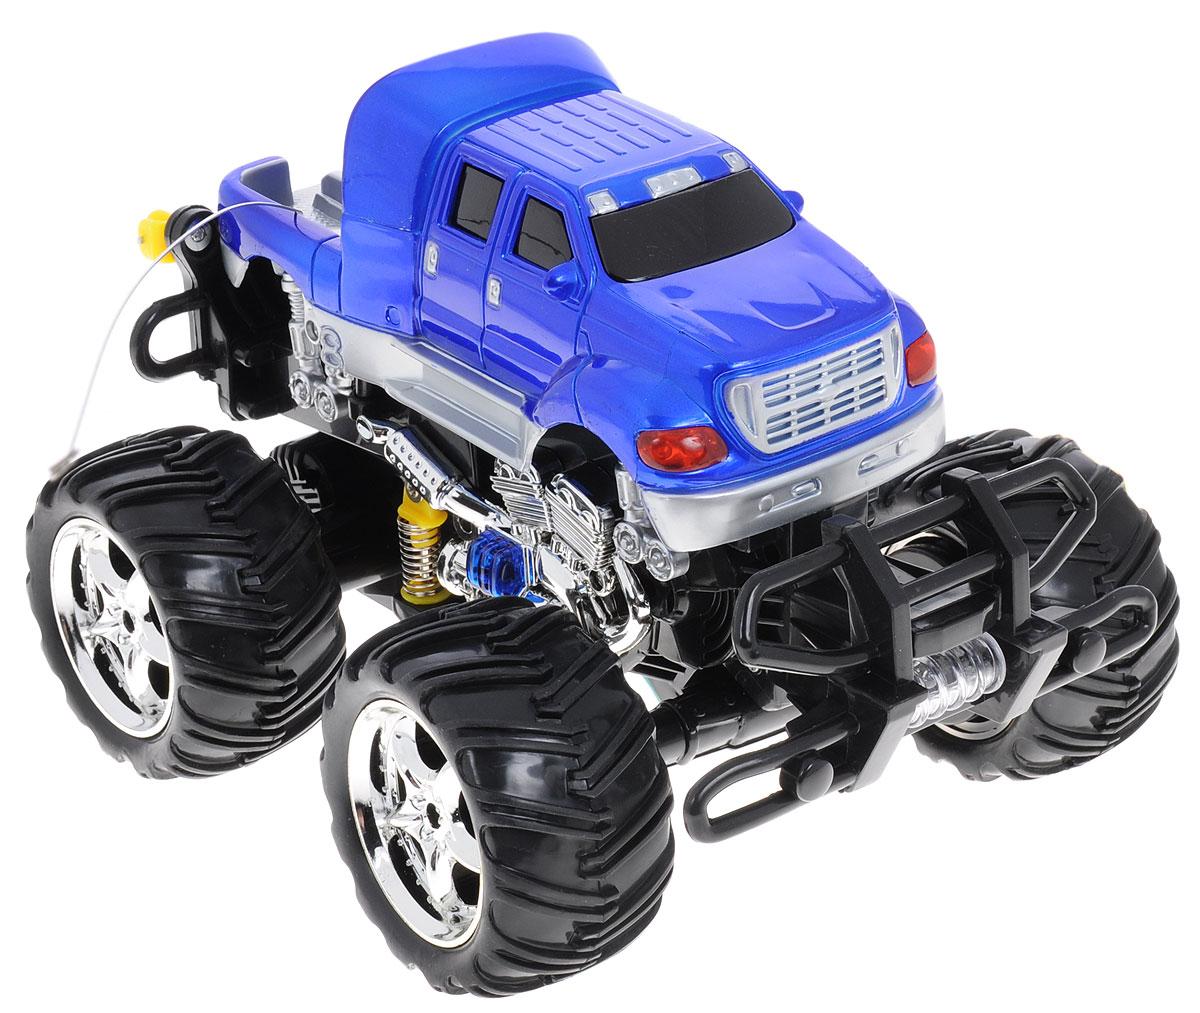 """Машина на радиоуправлении PlaySmart """"Фристайл Dance"""" станет отличным подарком для юного любителя автомобильного транспорта. Миниатюрный внедорожник будет изо дня в день радовать ребенка, ведь машина оснащена световыми и звуковыми эффектами, а самое главное, она умеет танцевать! Машинка может подниматься на задние колеса, крутиться """"волчком"""" и маневрировать на бешеной скорости. 12 функций машинки: вперед, назад, влево, вправо, наклон, вращение, свет колес, цветомузыка, танец, 3 мелодии, сигнал, сирена. Пульт управления работает на частоте 27 MHz. Игрушка работает от сменного аккумулятора (в комплекте). Для работы пульта управления необходима 1 батарейка типа """"Крона"""" (товар комплектуется демонстрационной)."""